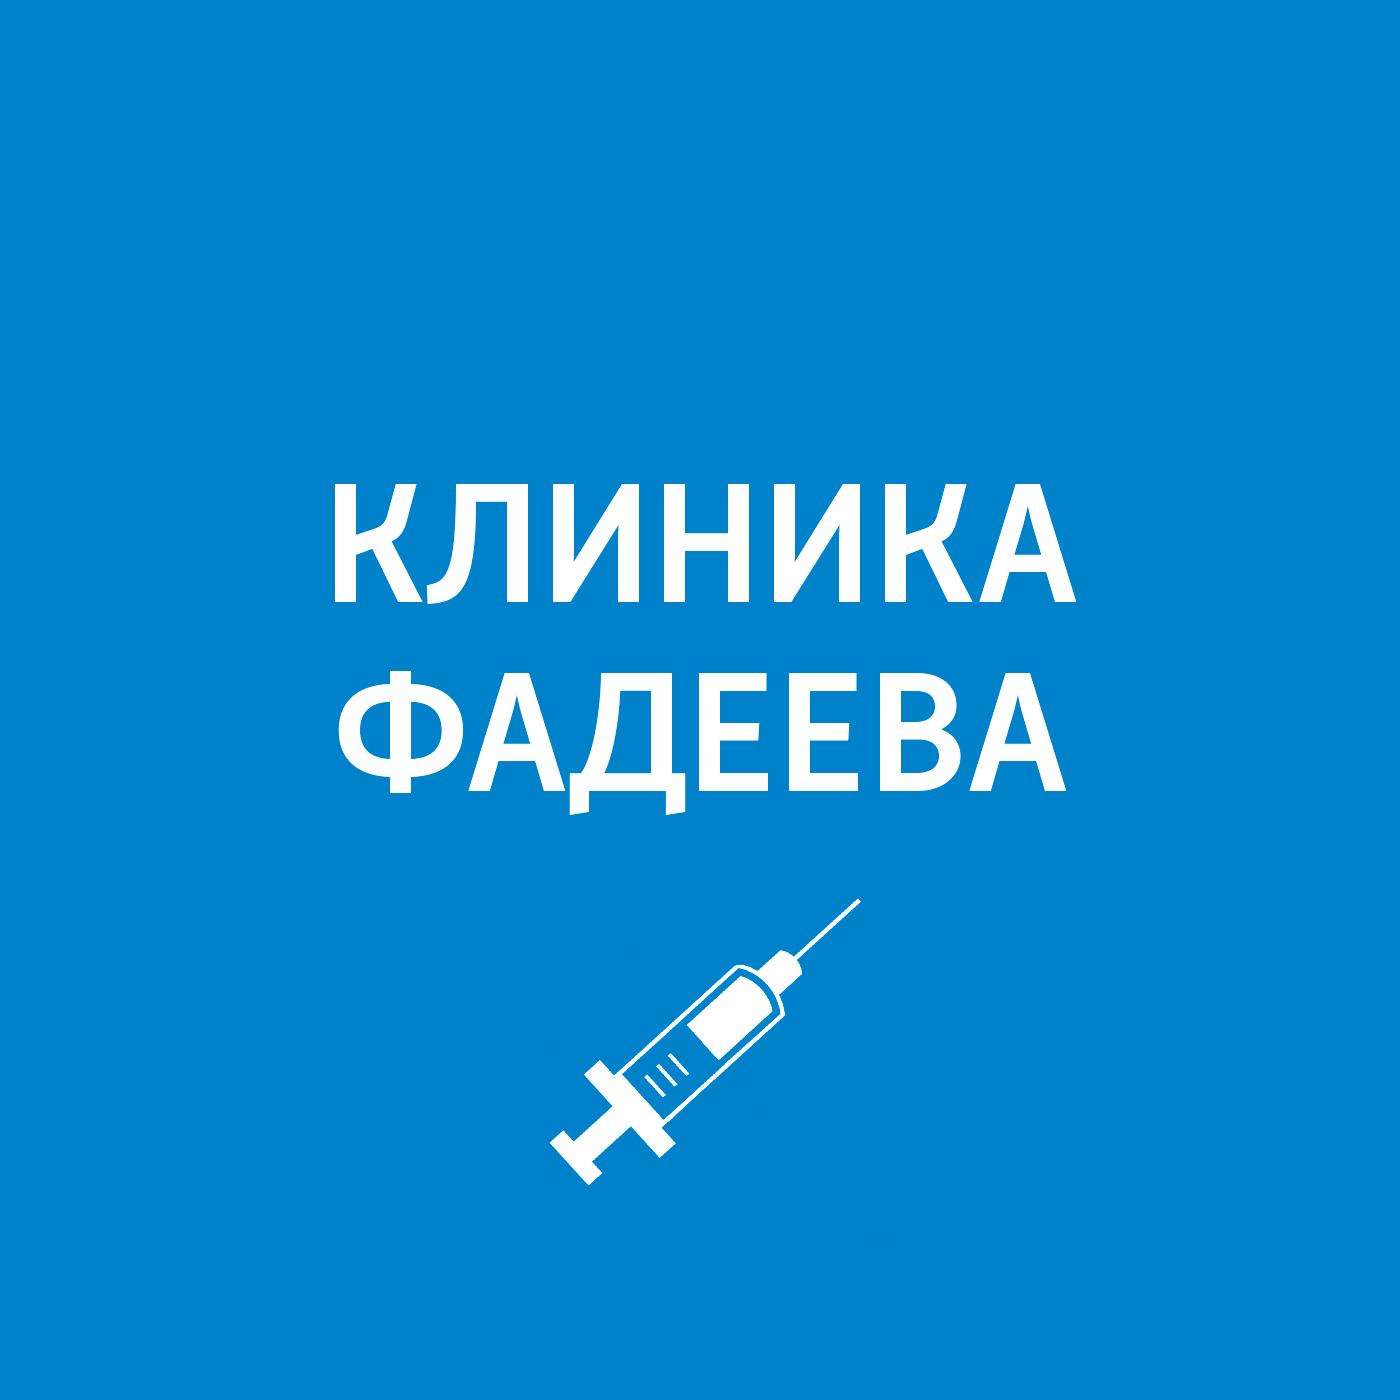 Пётр Фадеев Приём ведёт невролог. Не все болезни от нервов пётр фадеев приём ведёт врач невролог деменция